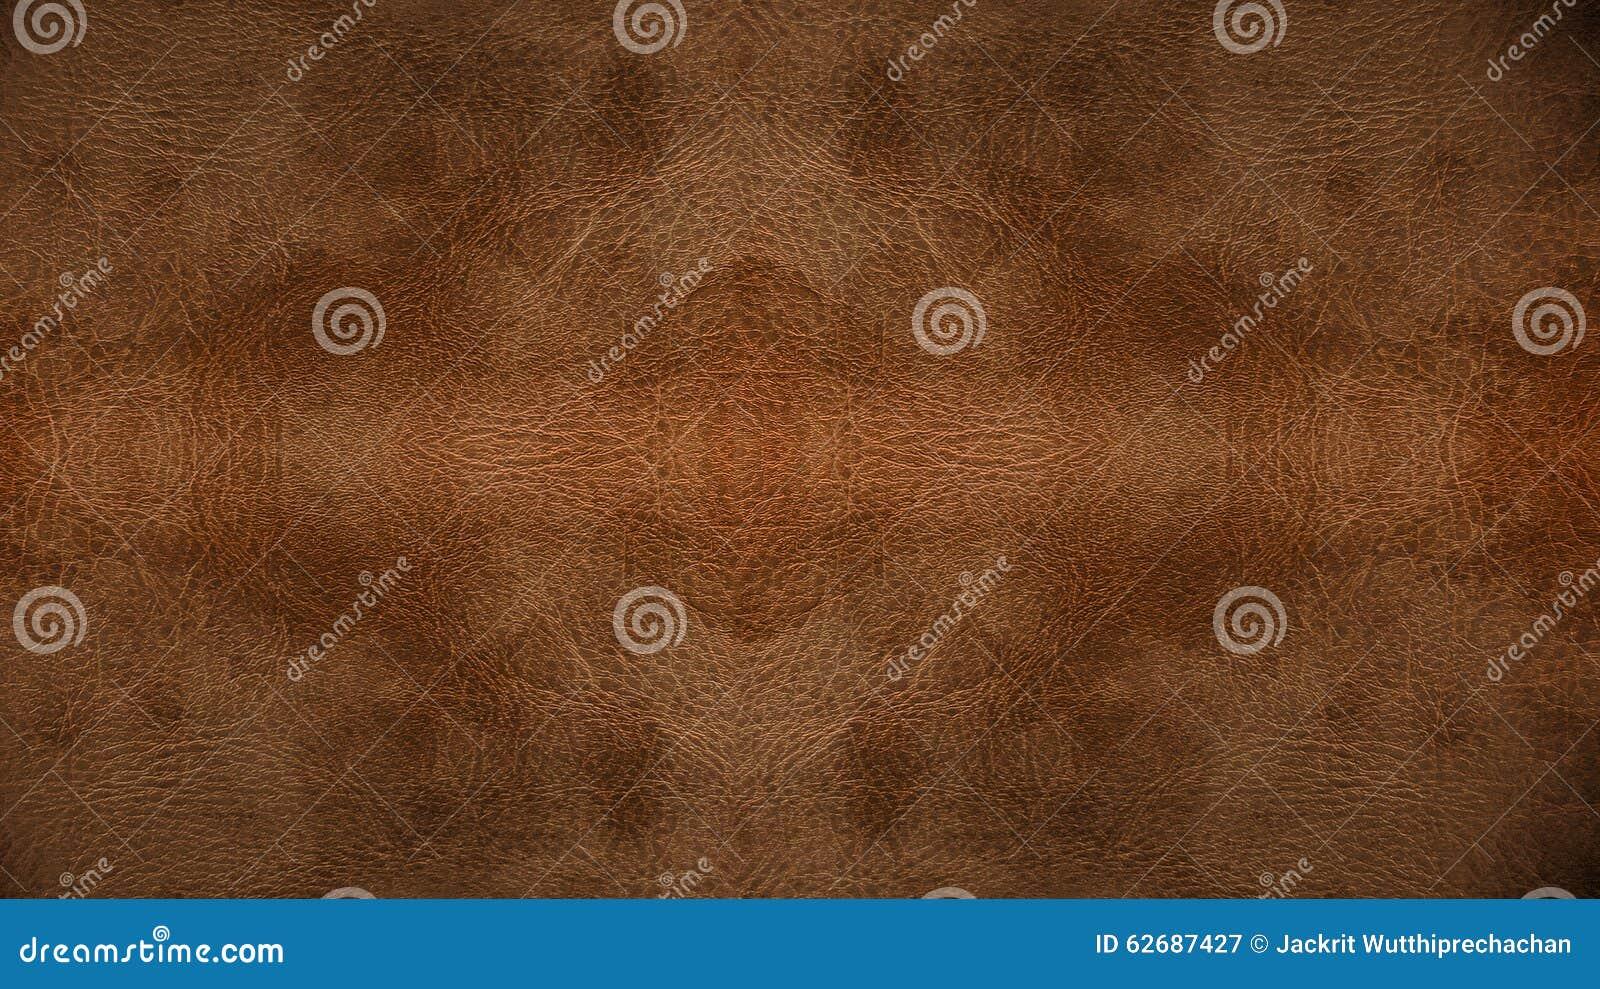 Używać Jasnobrązowa Rzemienna Bezszwowa Deseniowa tło tekstura dla Meblarskiego materiału